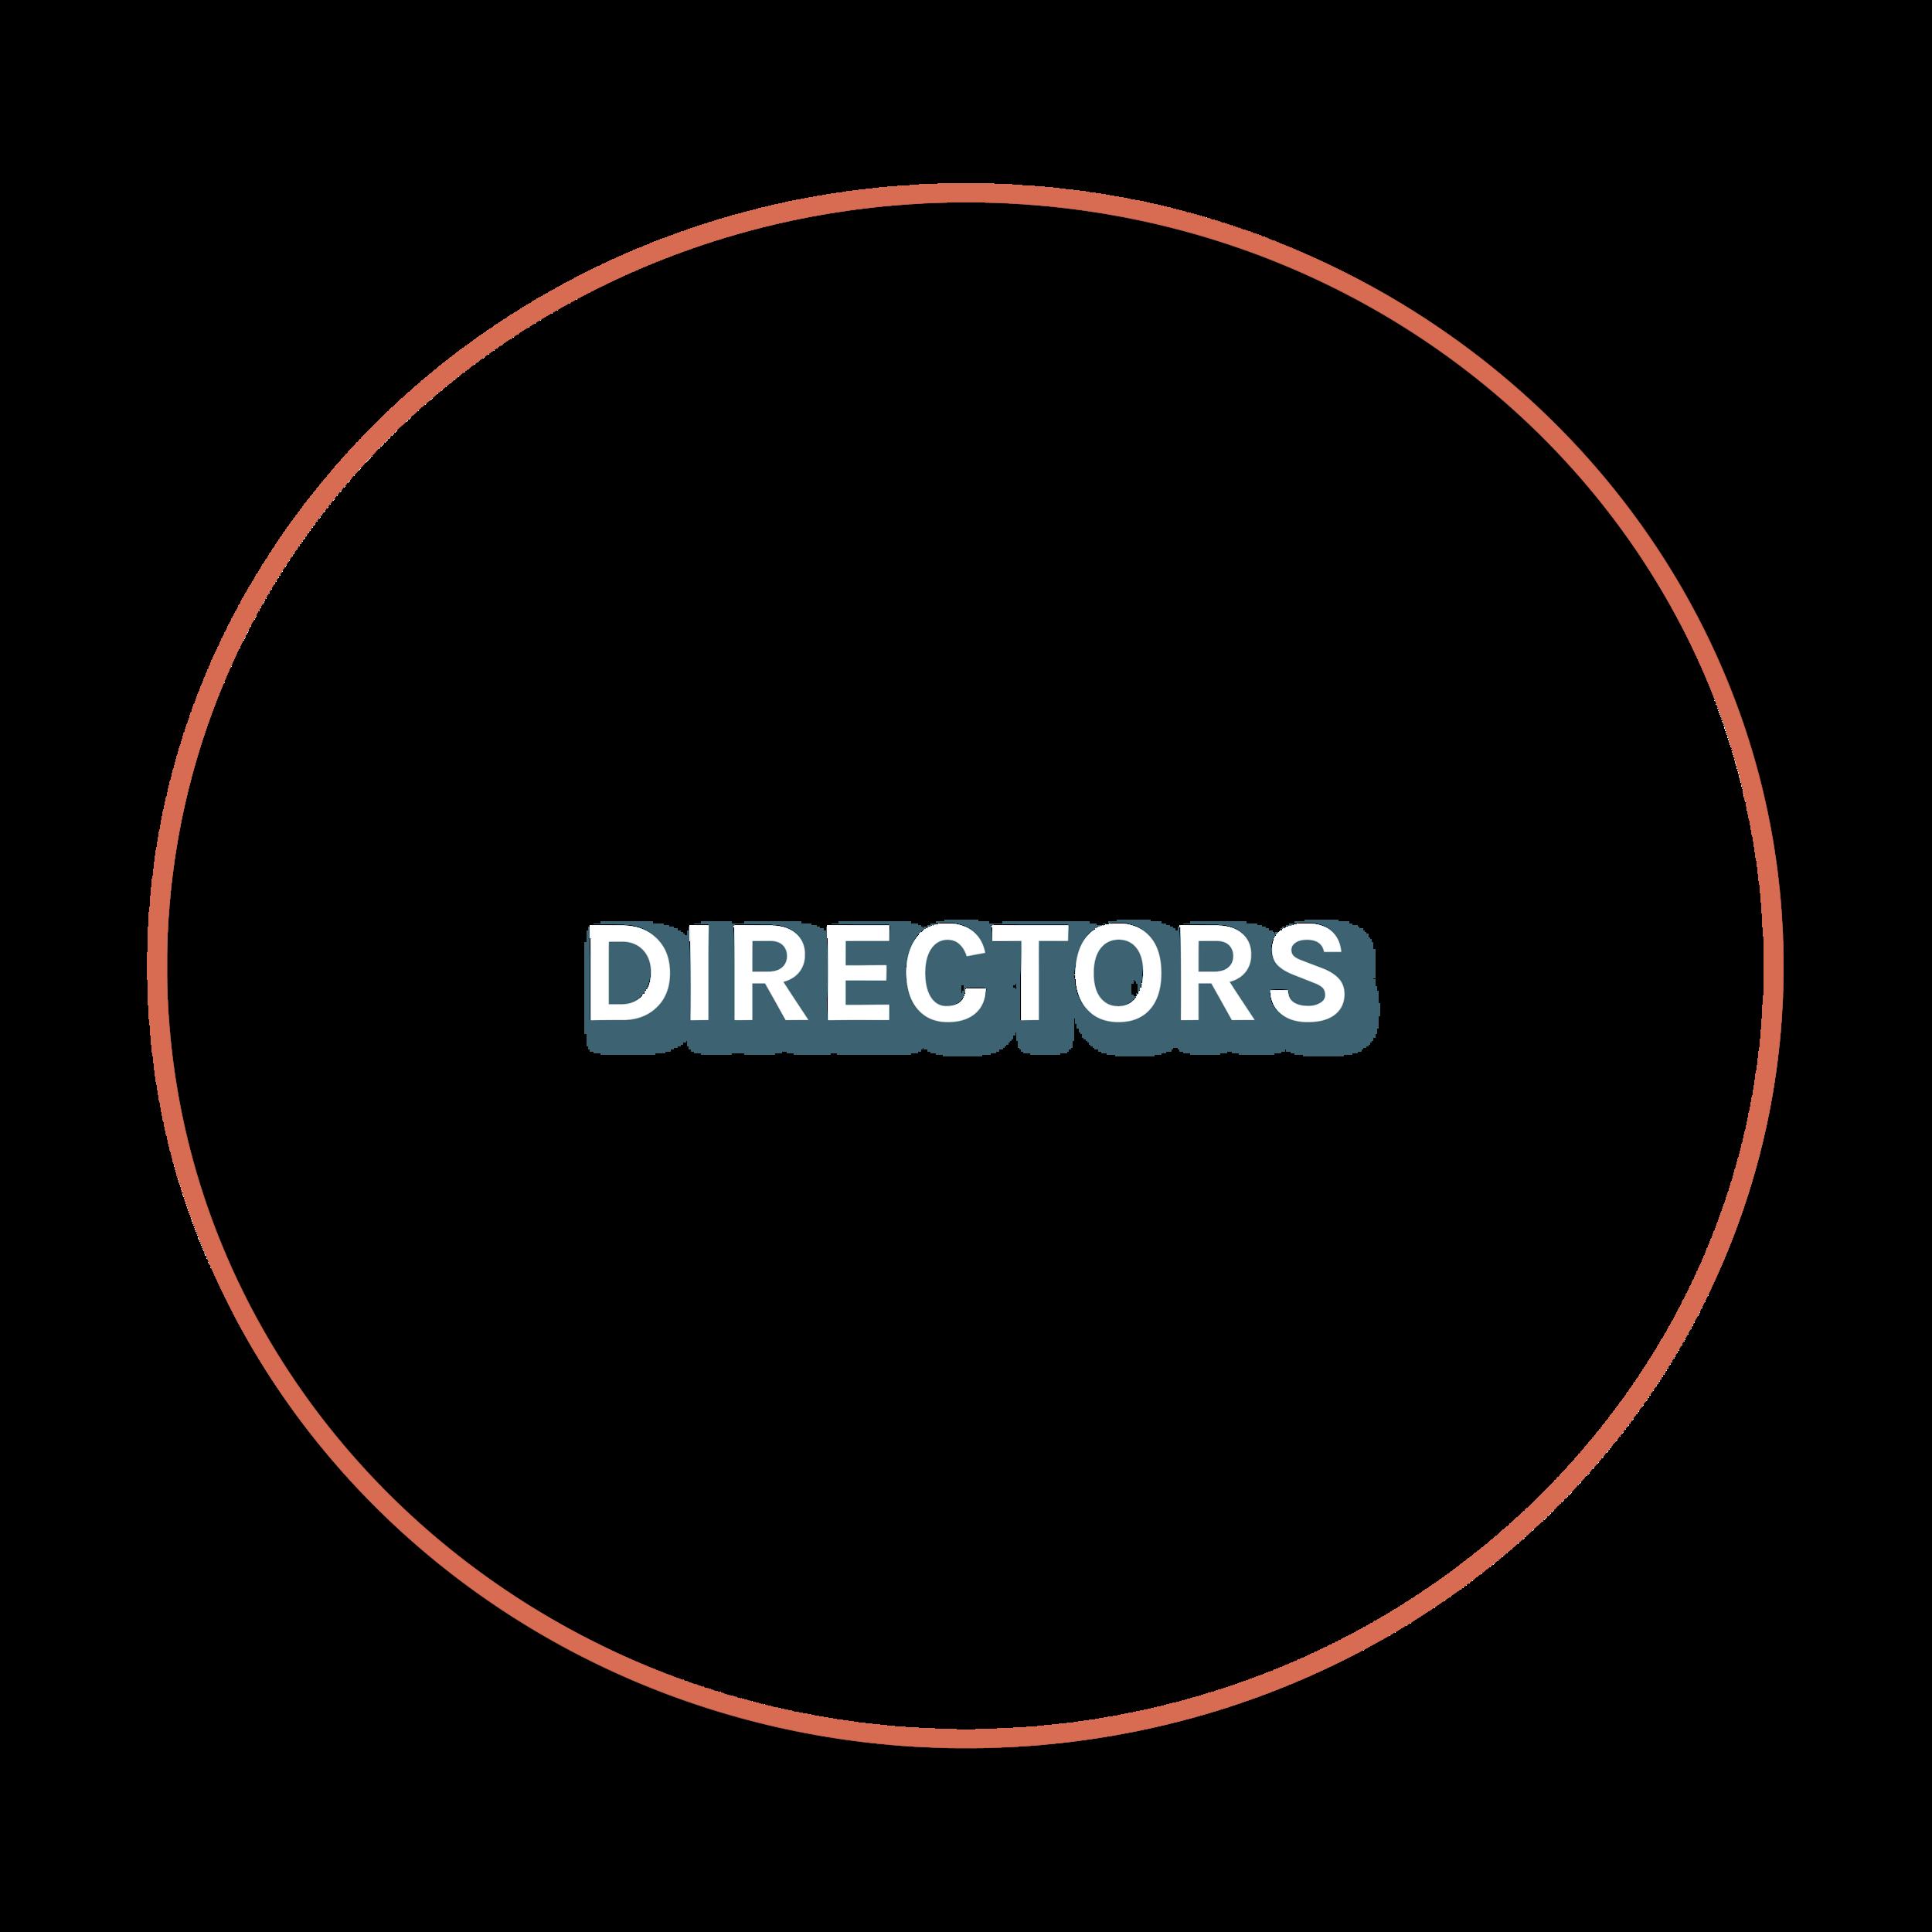 directors02.png